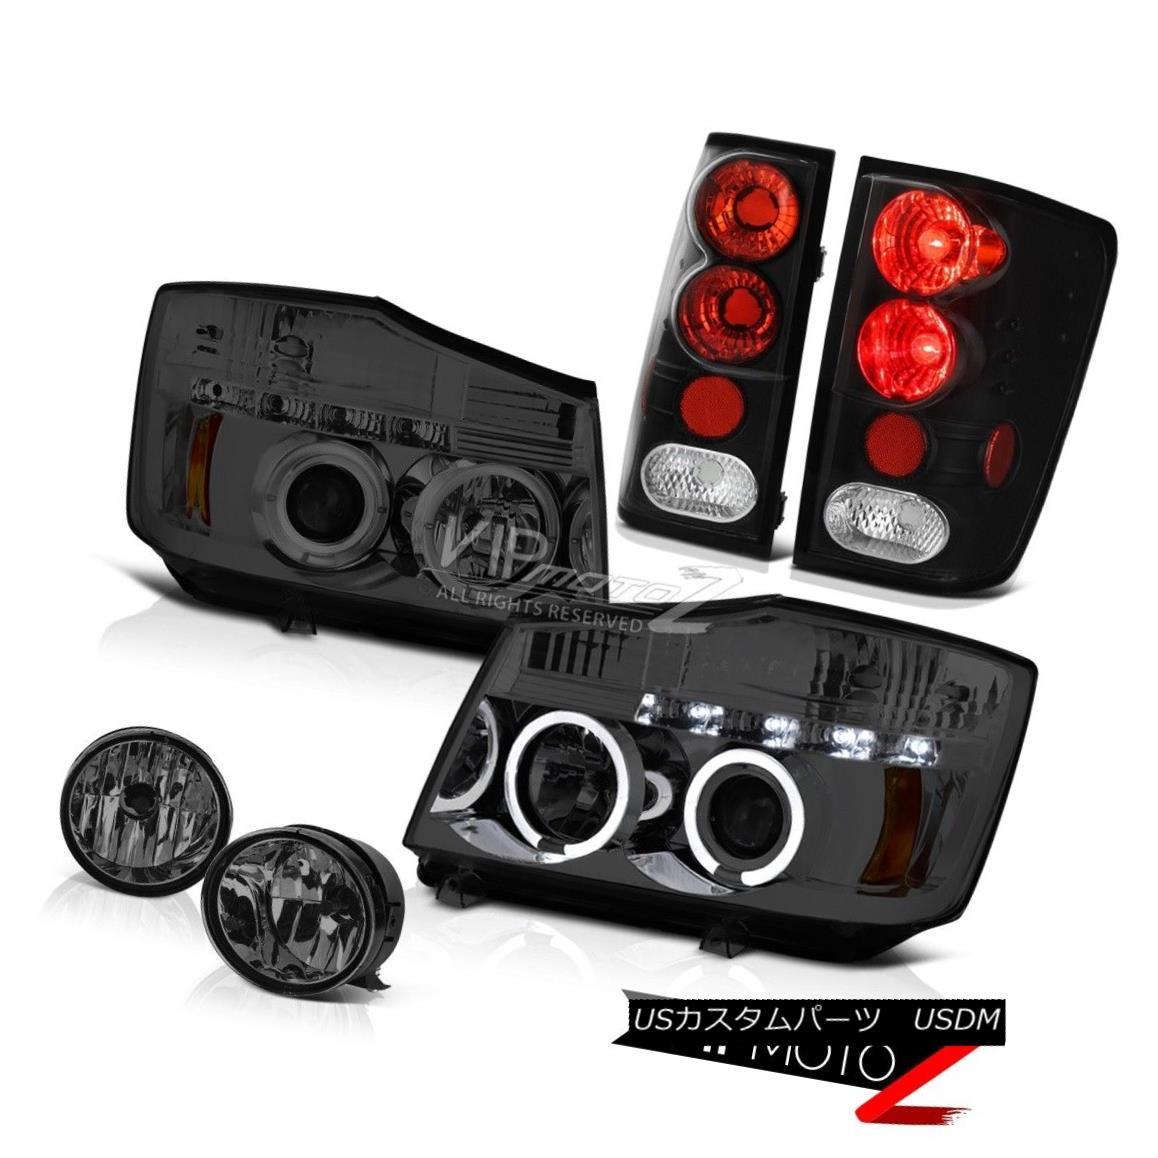 ヘッドライト For 2004-2015 Titan Projector Headlights Angel Eye Signal Tail Lights Black Fog 2004年?2015年Titanプロジェクターヘッドライトエンジェルアイシグナルテールライトブラックフォッグ